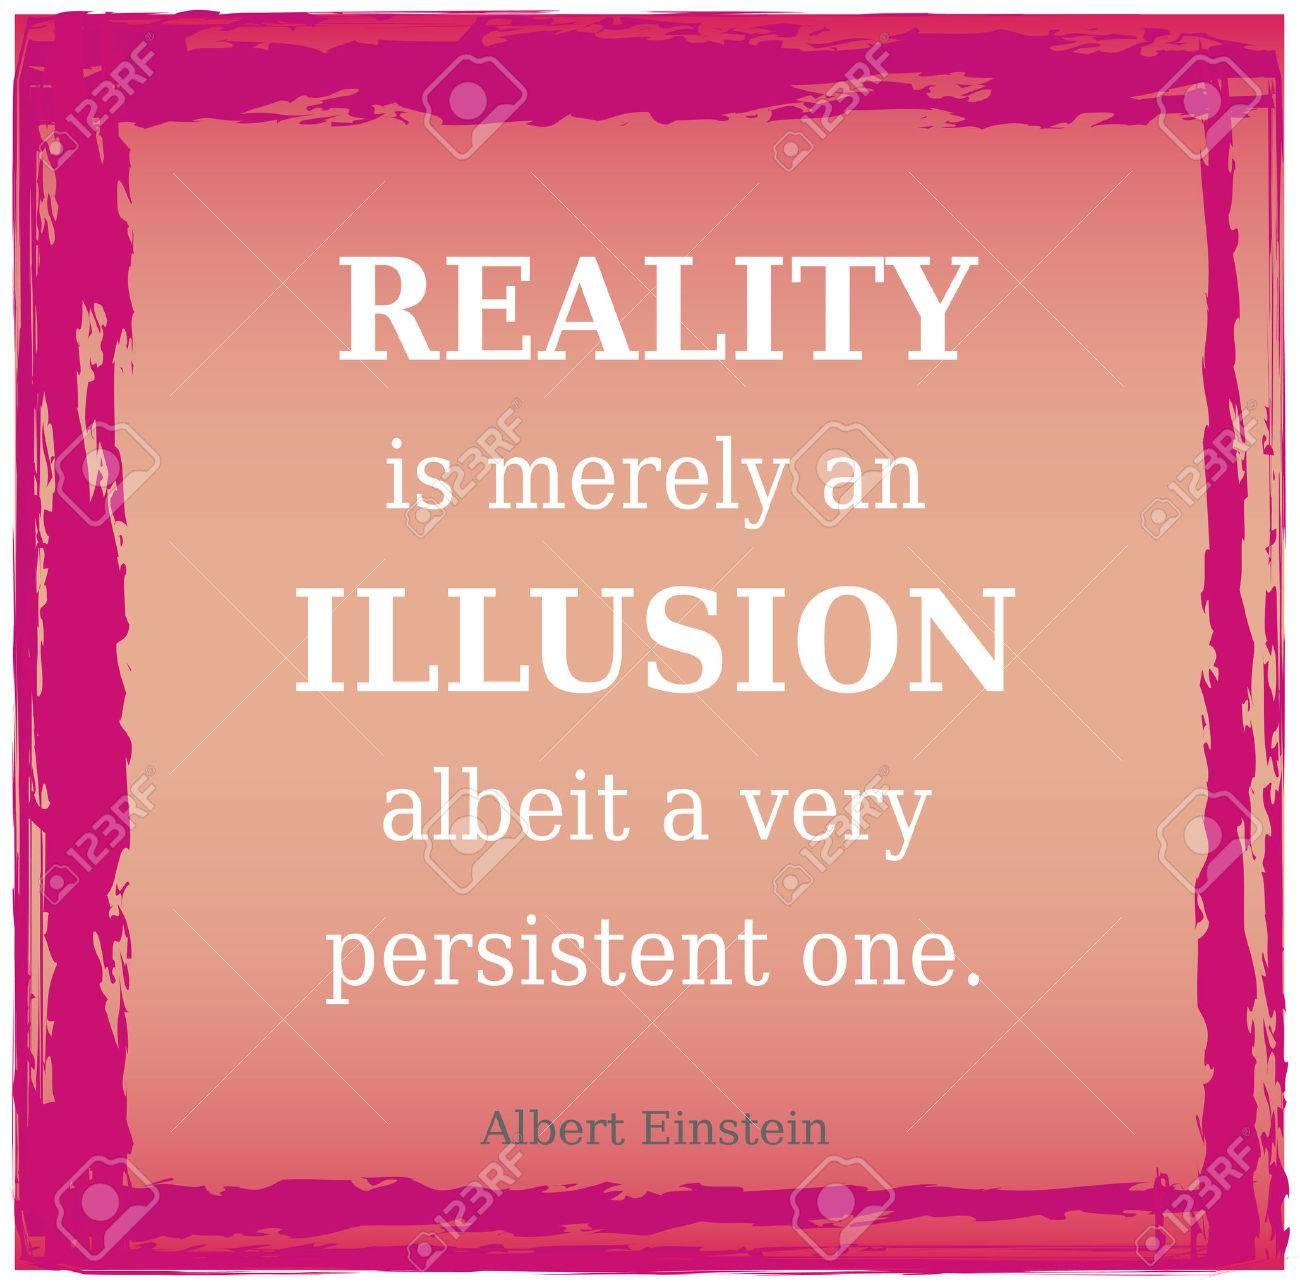 Zitat illusion